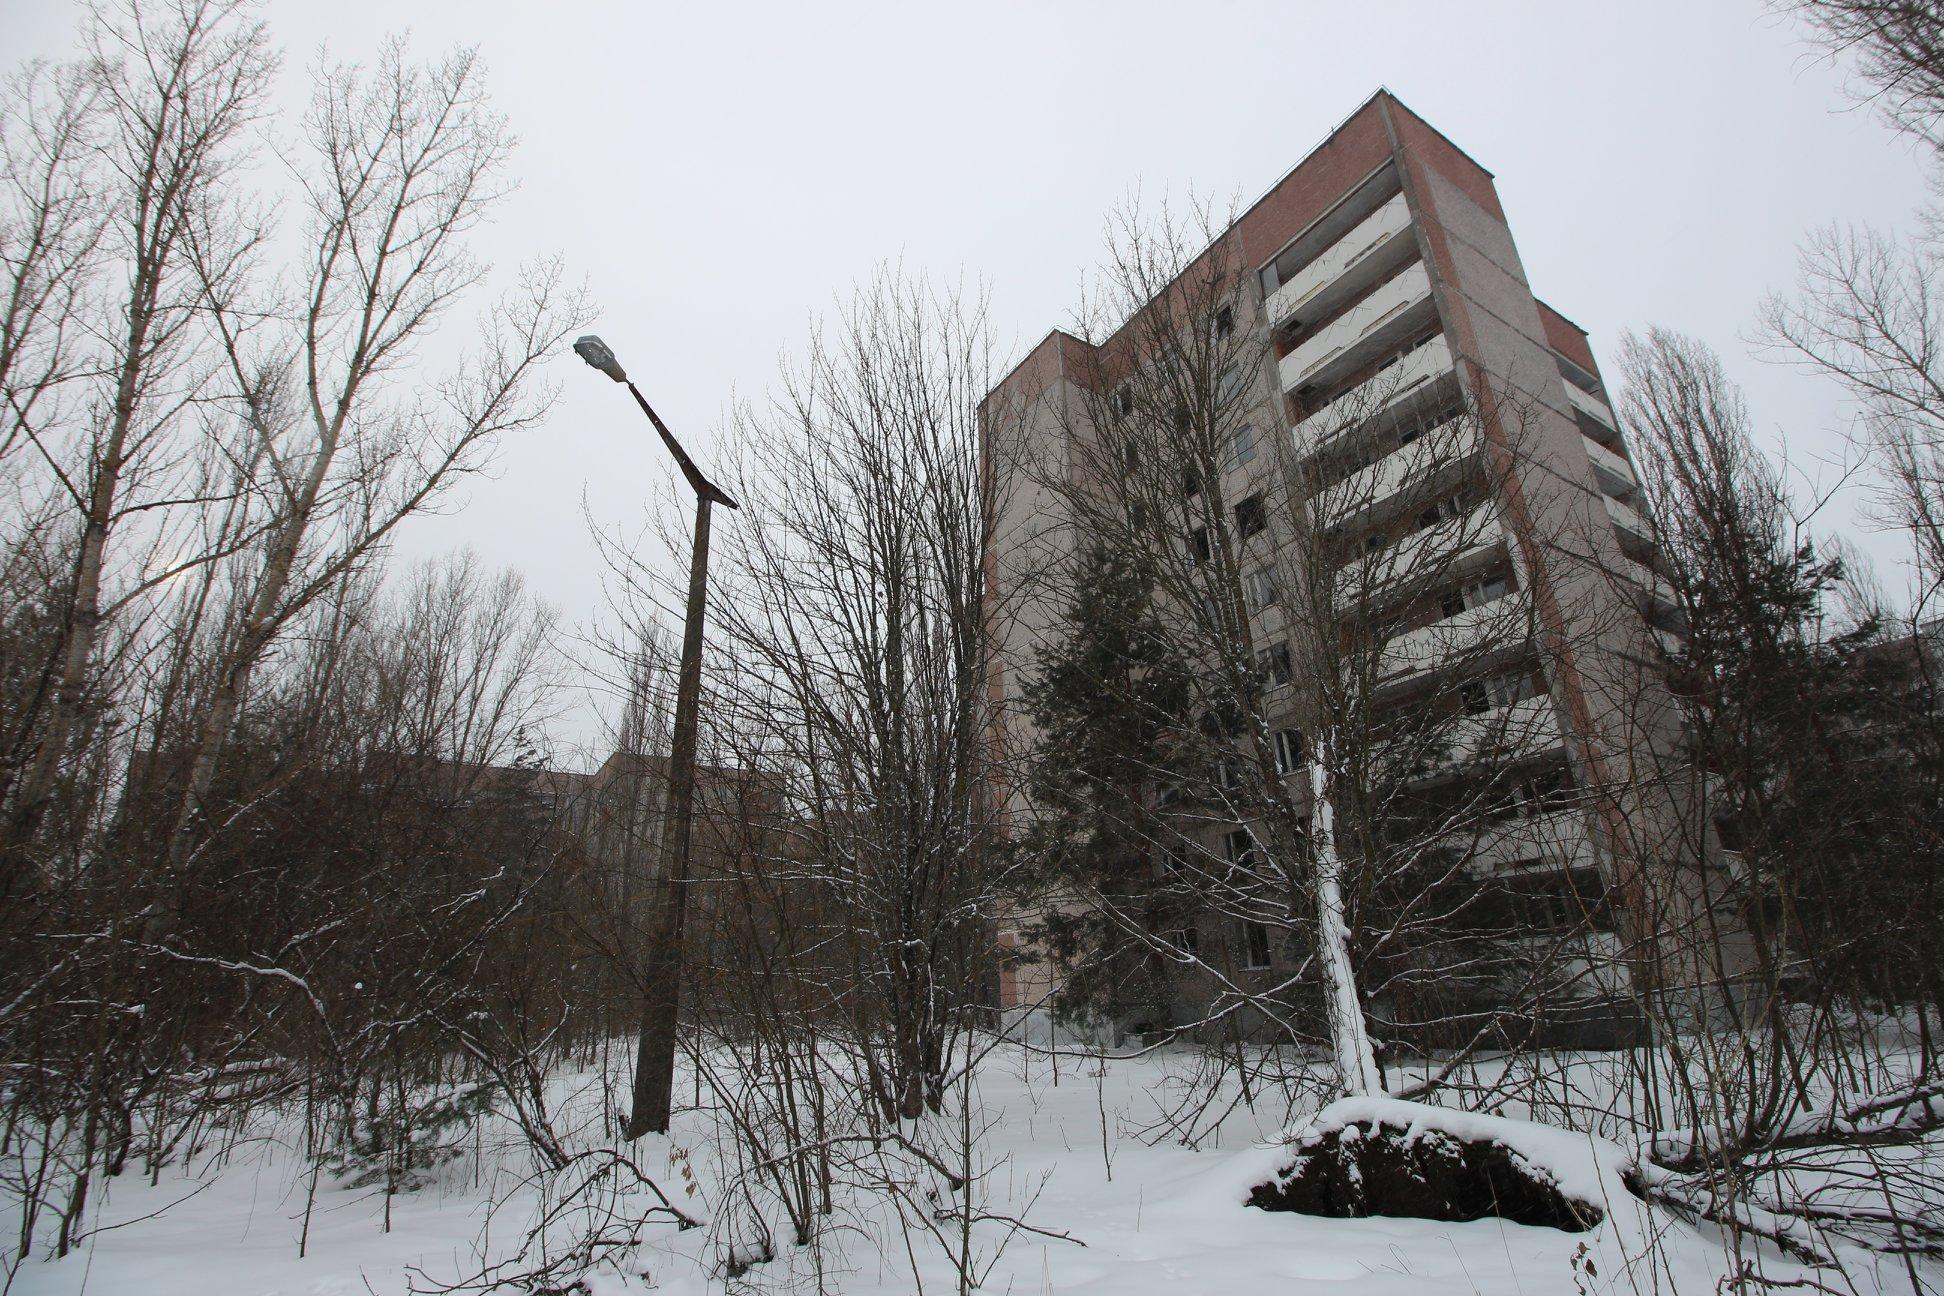 Chernobyl Pripyat23